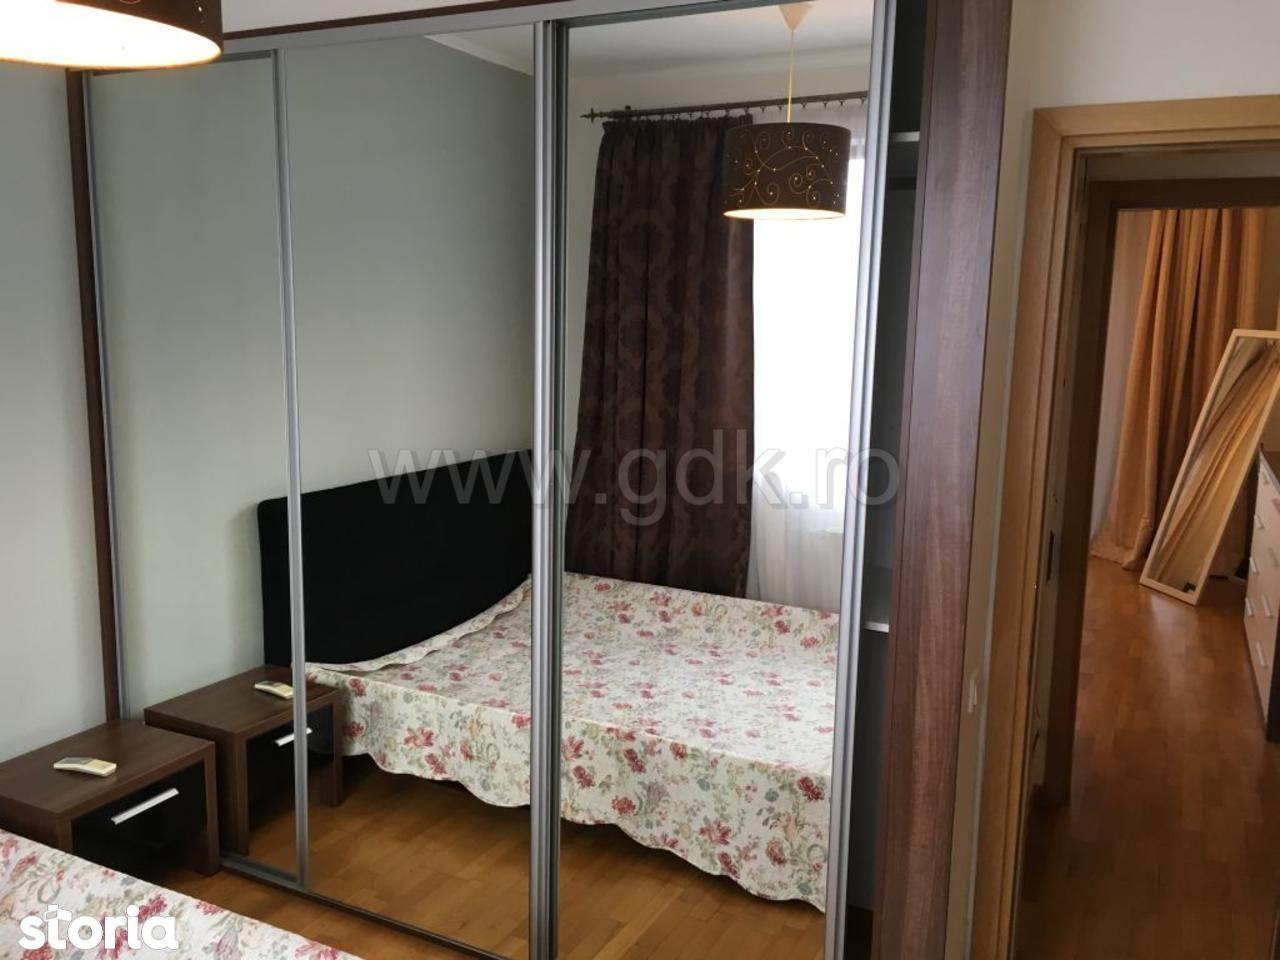 Apartament de inchiriat, București (judet), Bulevardul Aviatorilor - Foto 9